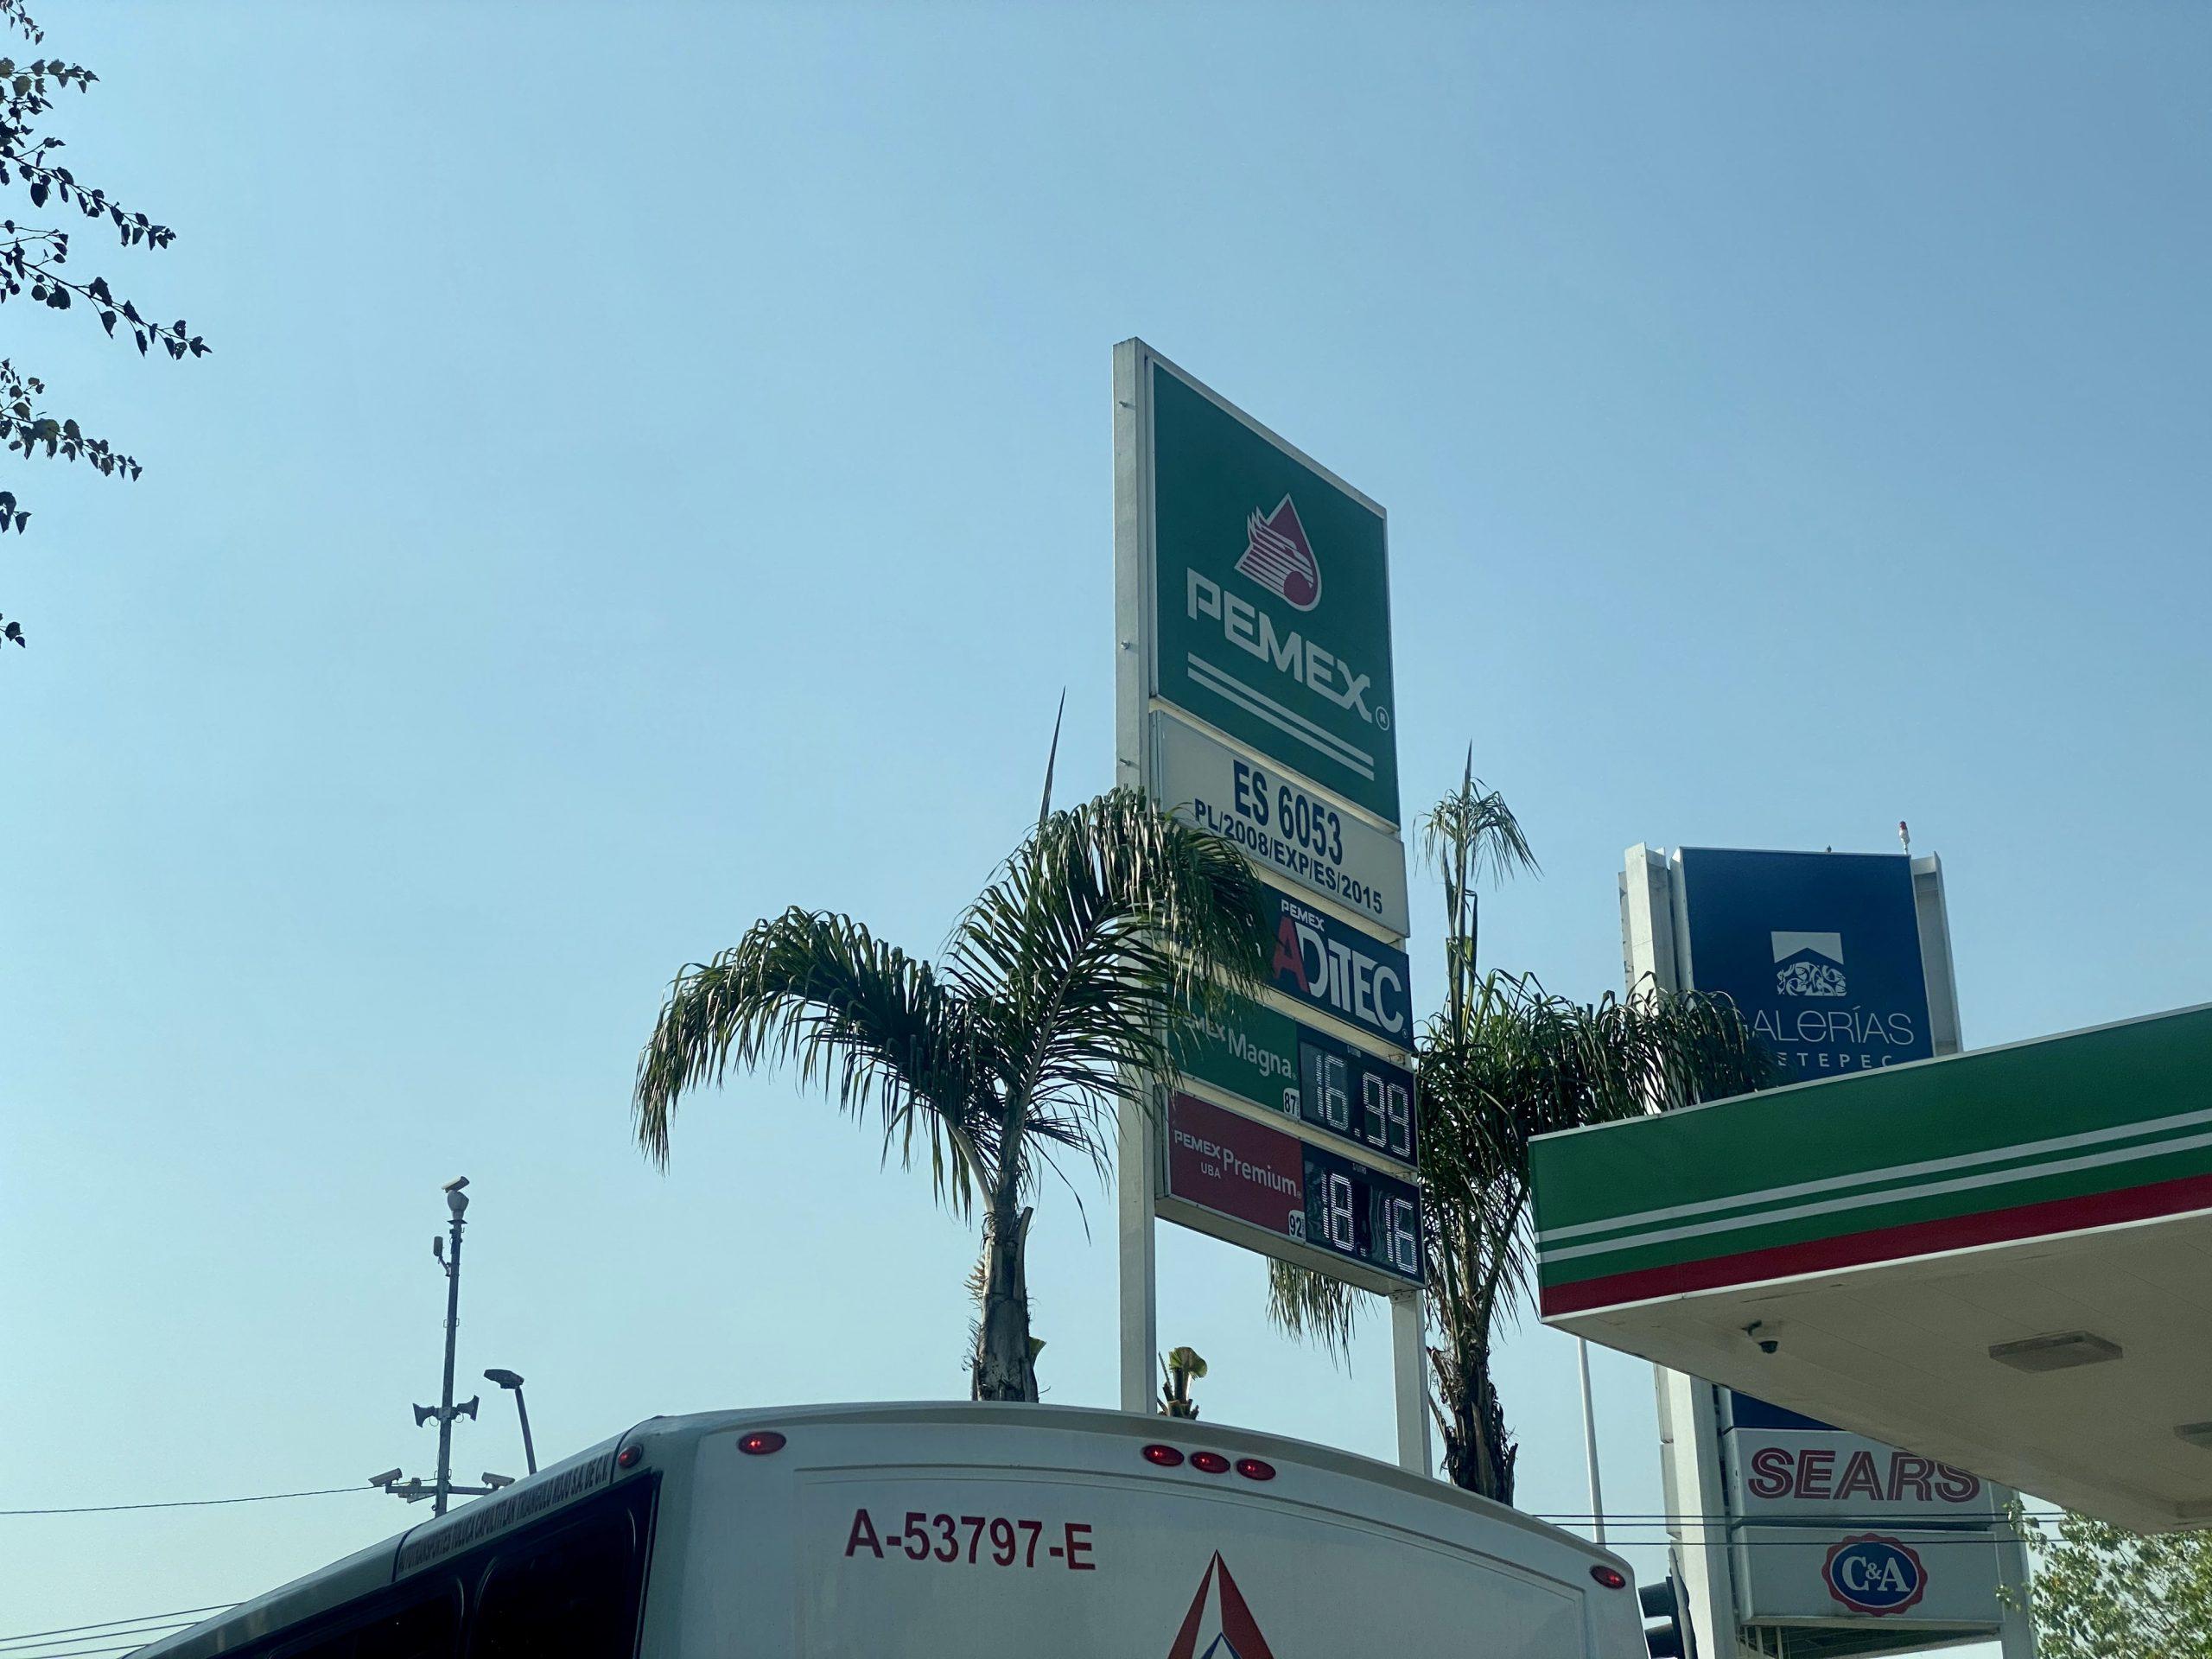 Continúa bajando el precio de la gasolina en Toluca